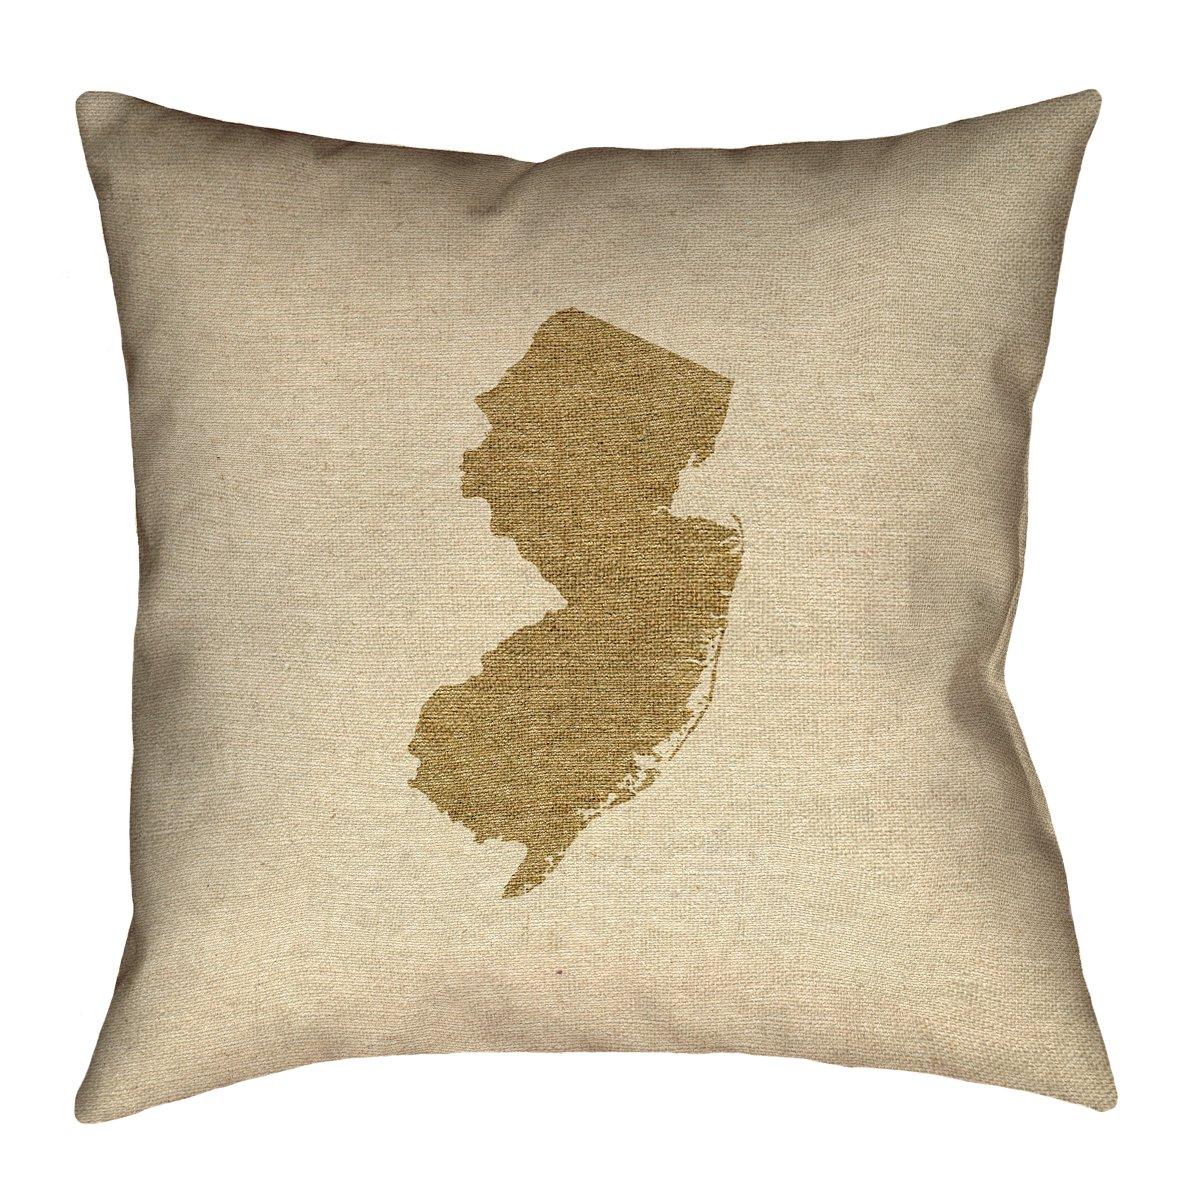 ArtVerse Katelyn Smith 20 x 20 Indoor//Outdoor UV Properties-Waterproof and Mildew Proof New Jersey Canvas Pillow